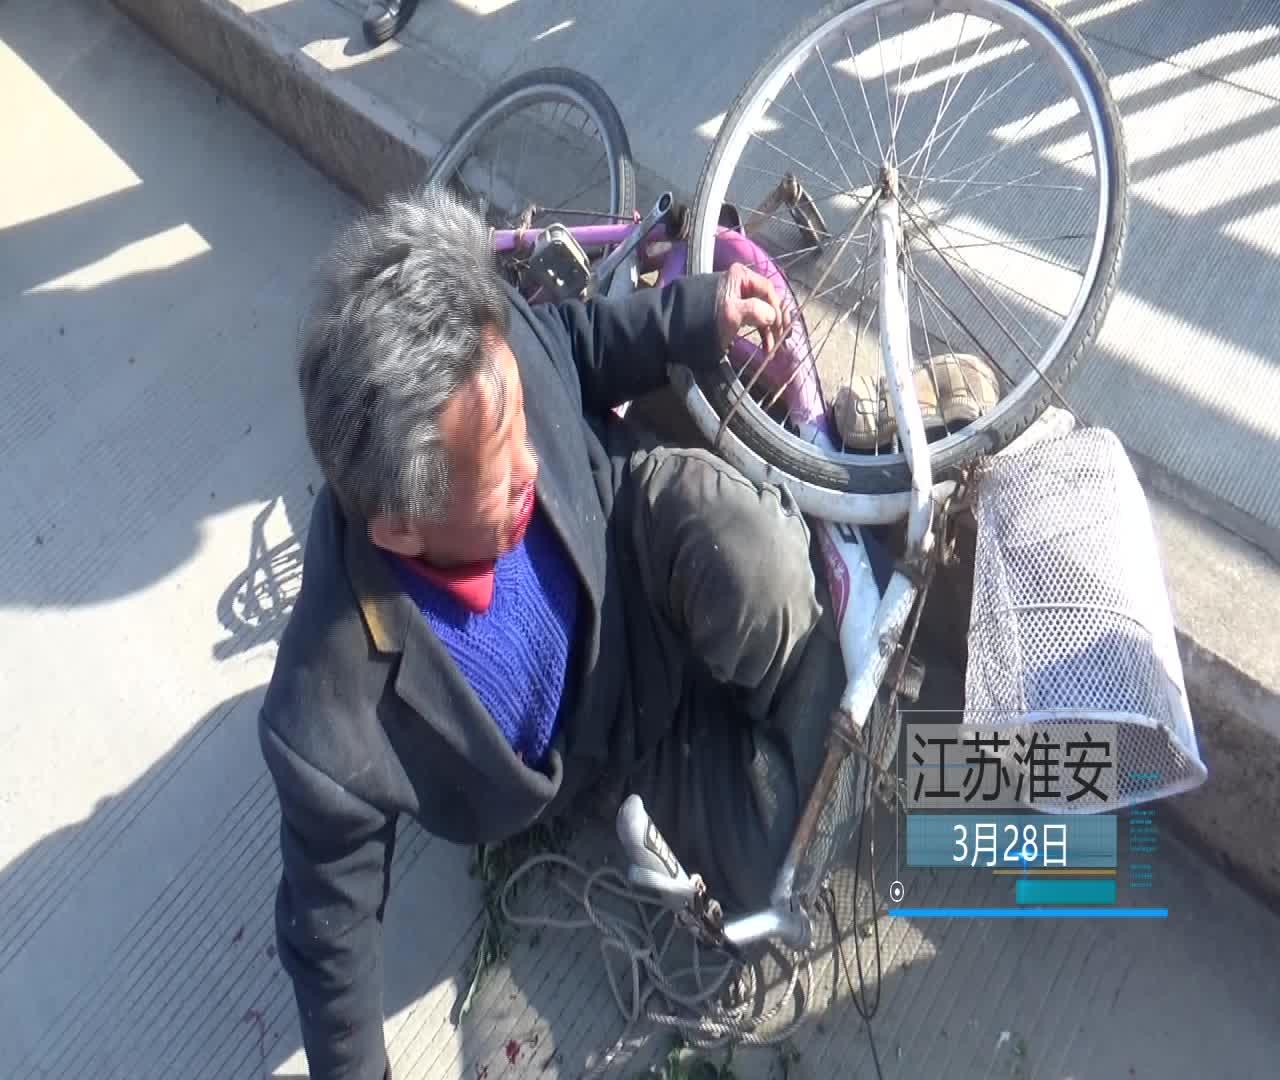 老人骑车不慎摔倒导致脚卡车轮 好心人发现后热线报警帮助